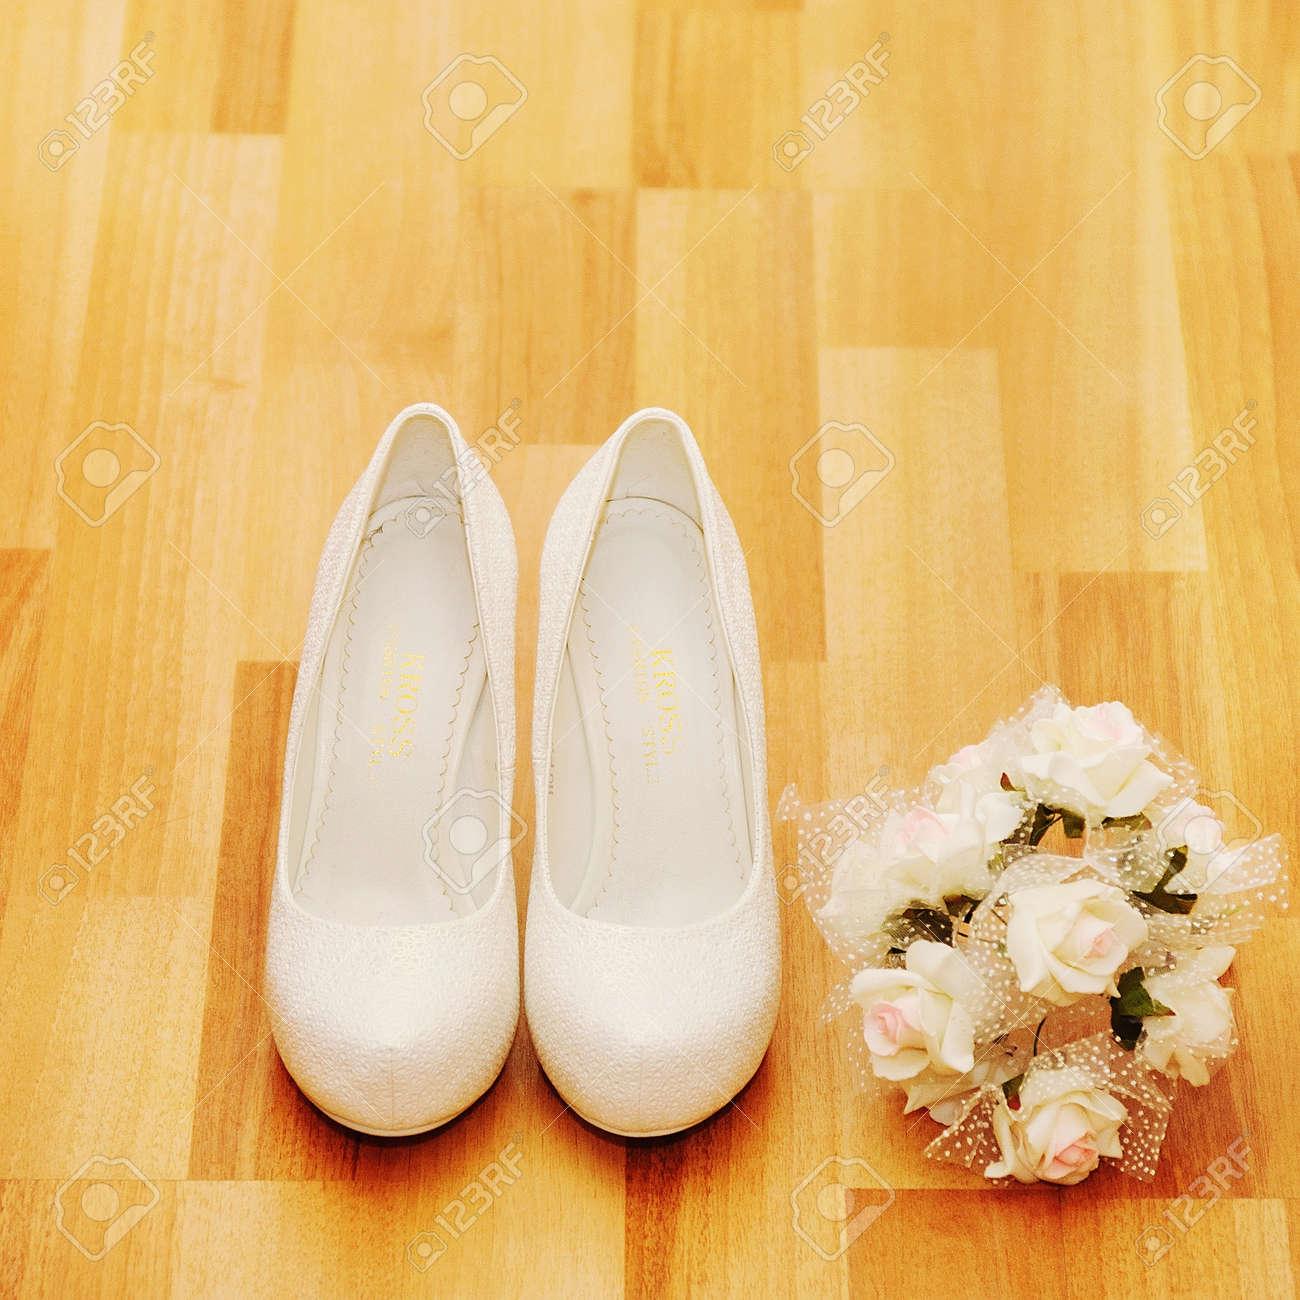 Hochzeitsstrauss Mit Schuhen In Braut Raum Lizenzfreie Fotos Bilder